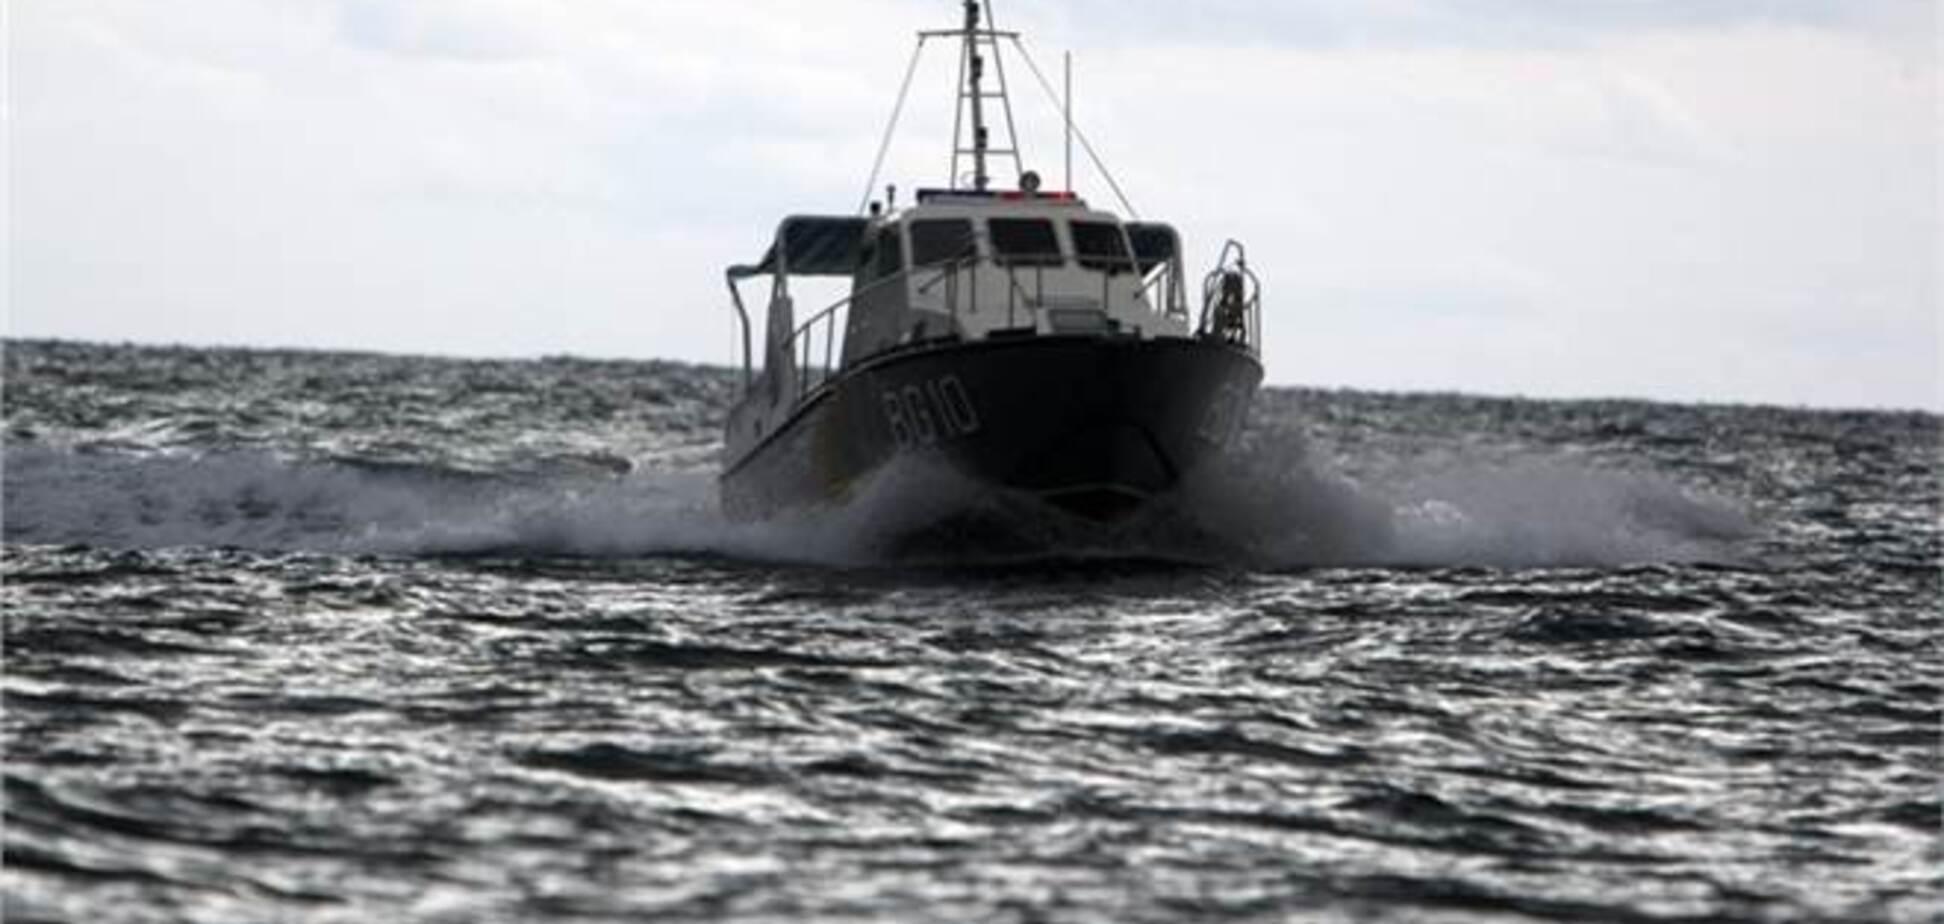 Росія не дозволяє повернутися в Україну рибалці, вижившому після аварії - консул